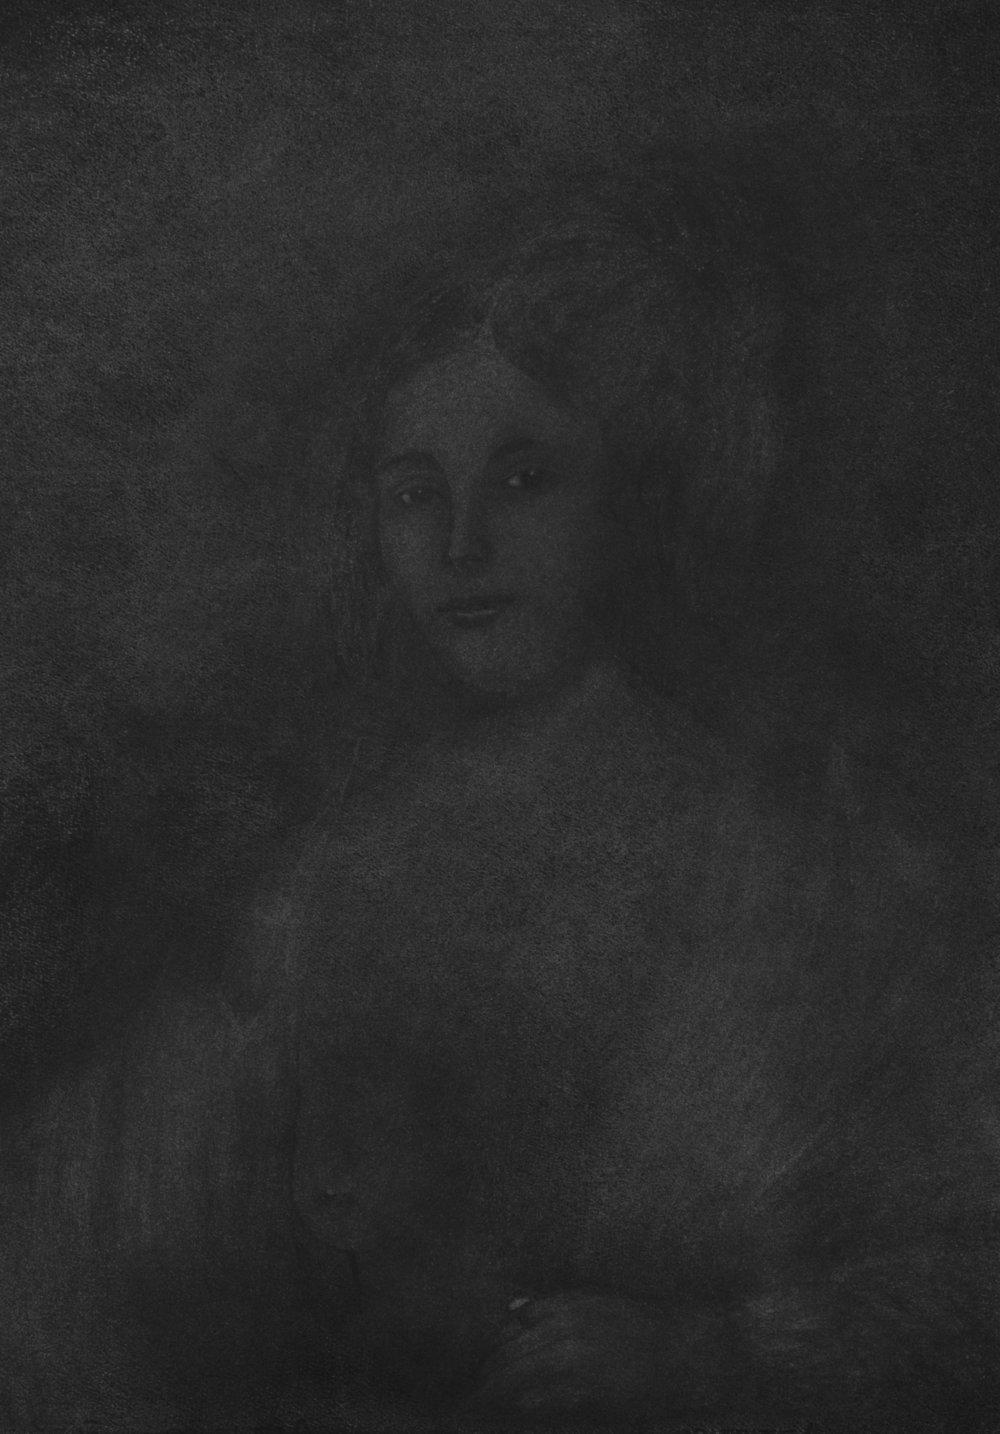 """Jérémie Bennequin, """"La Stérile volupté"""", fusain sur papier, 77 x 57 cm. 2016"""